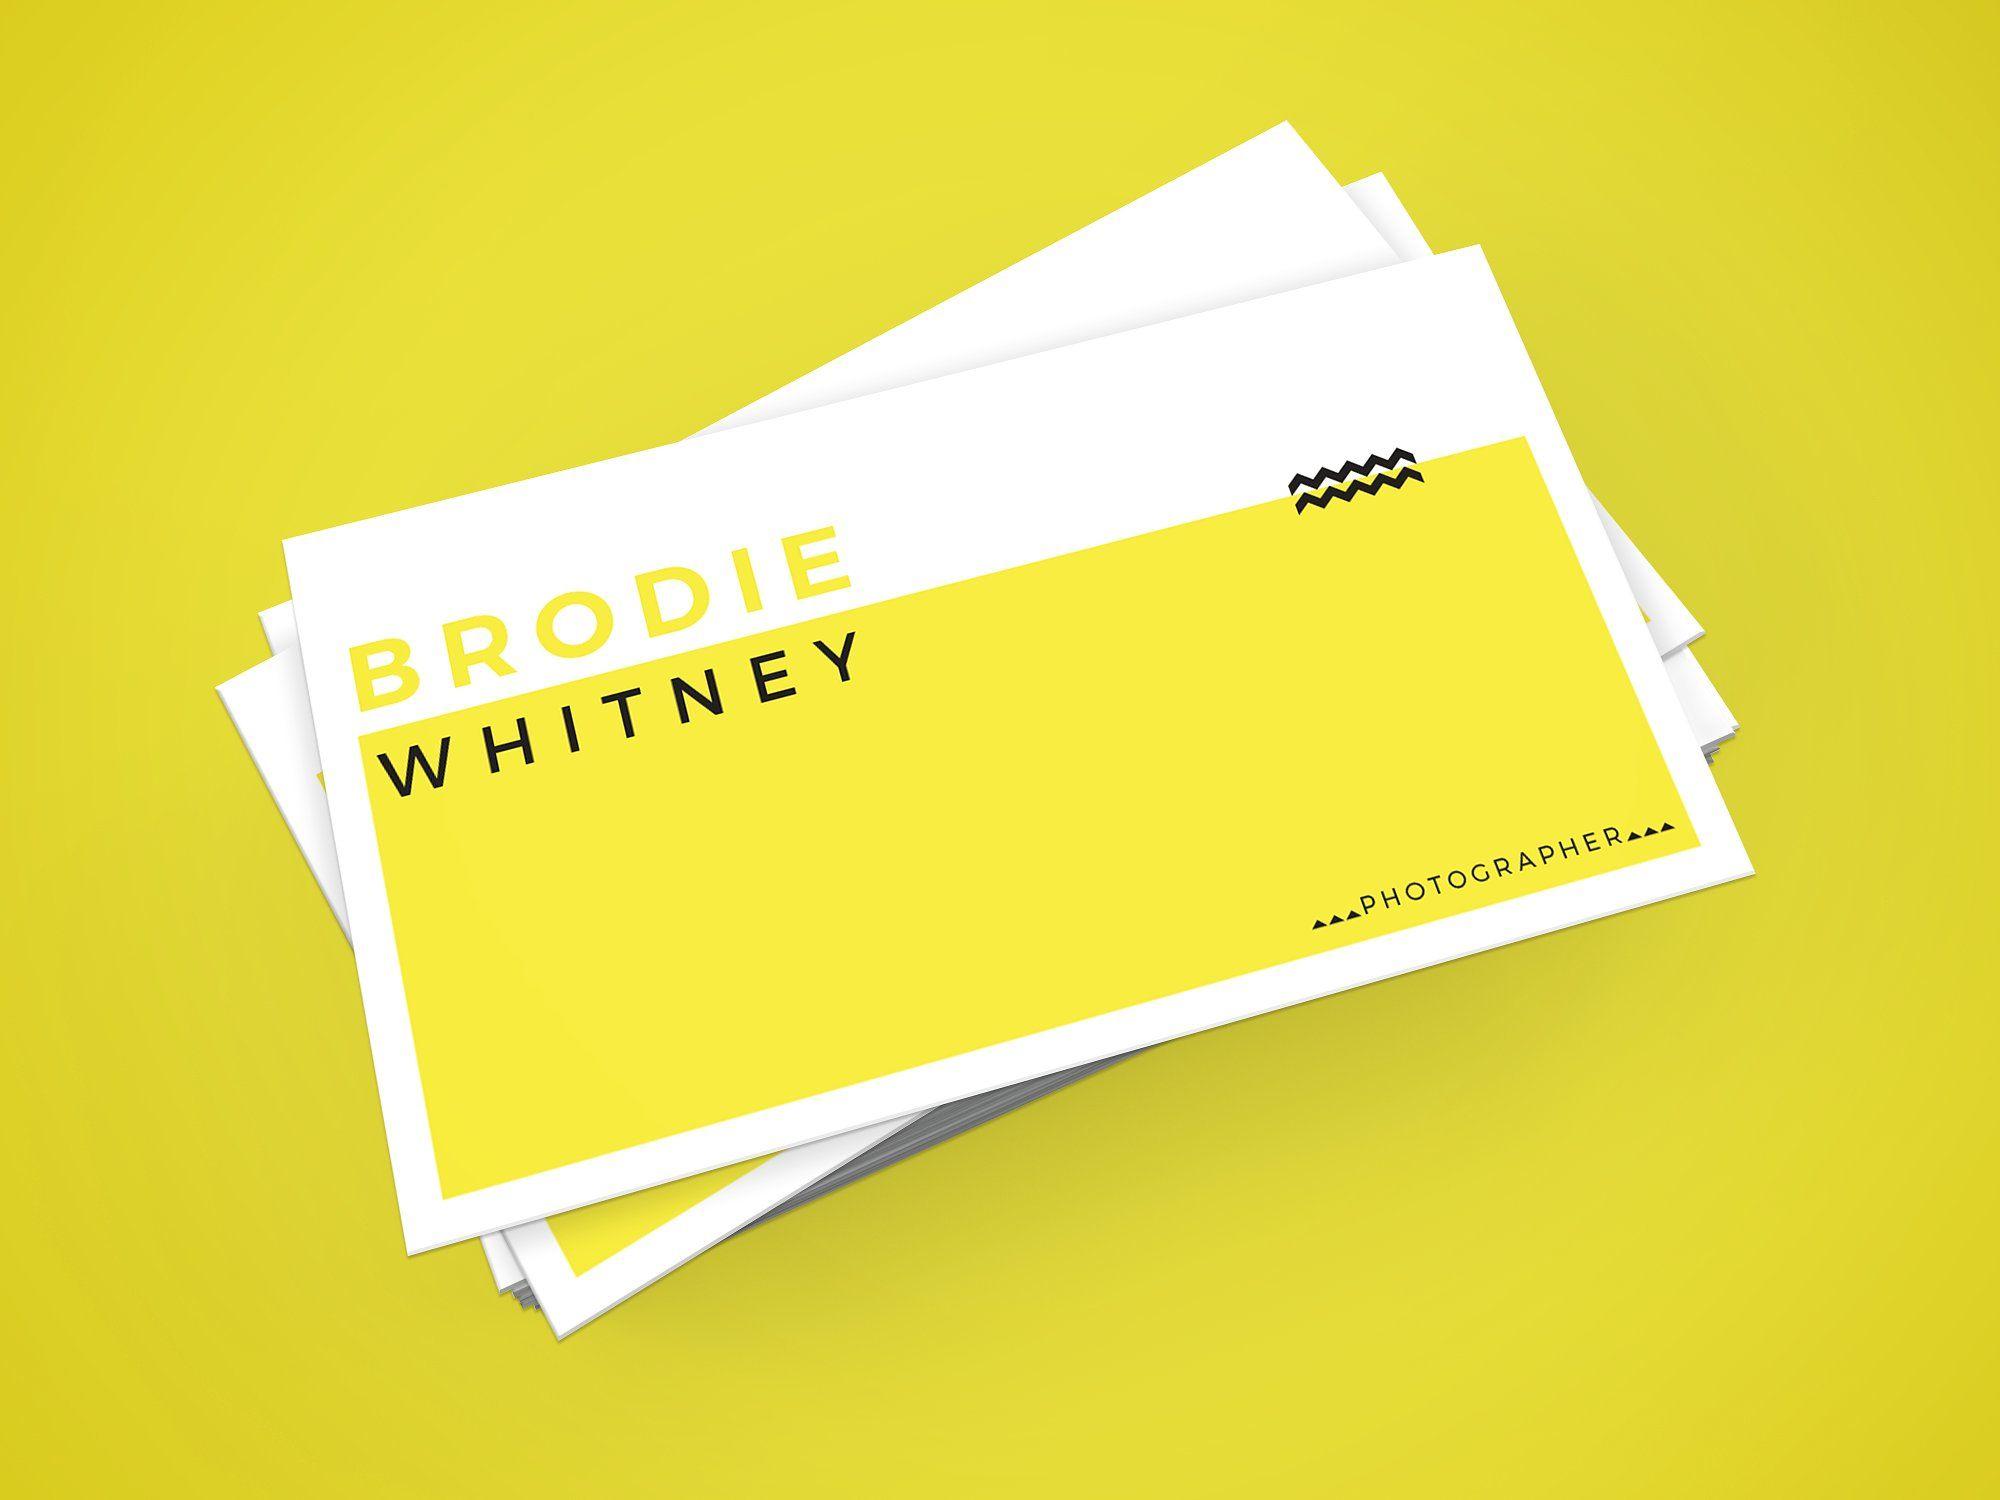 Brodie Whitney Business Card BeautifulSimpleInsertavatar